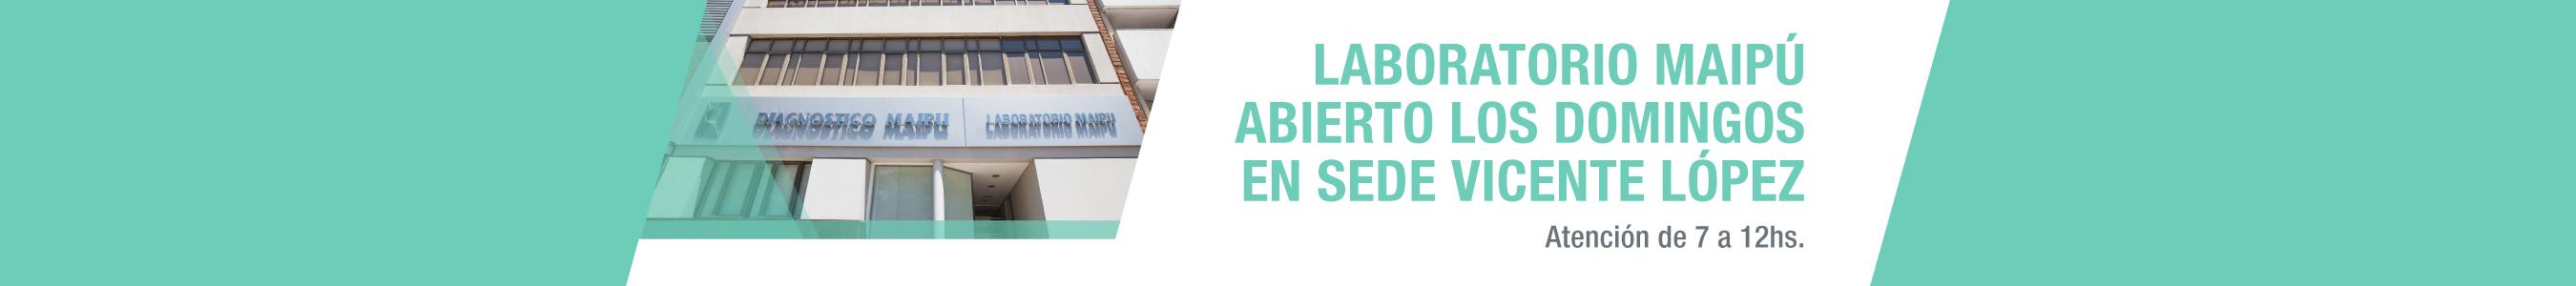 BANNER_Sede-Vte-Lopez_Domingo-V2